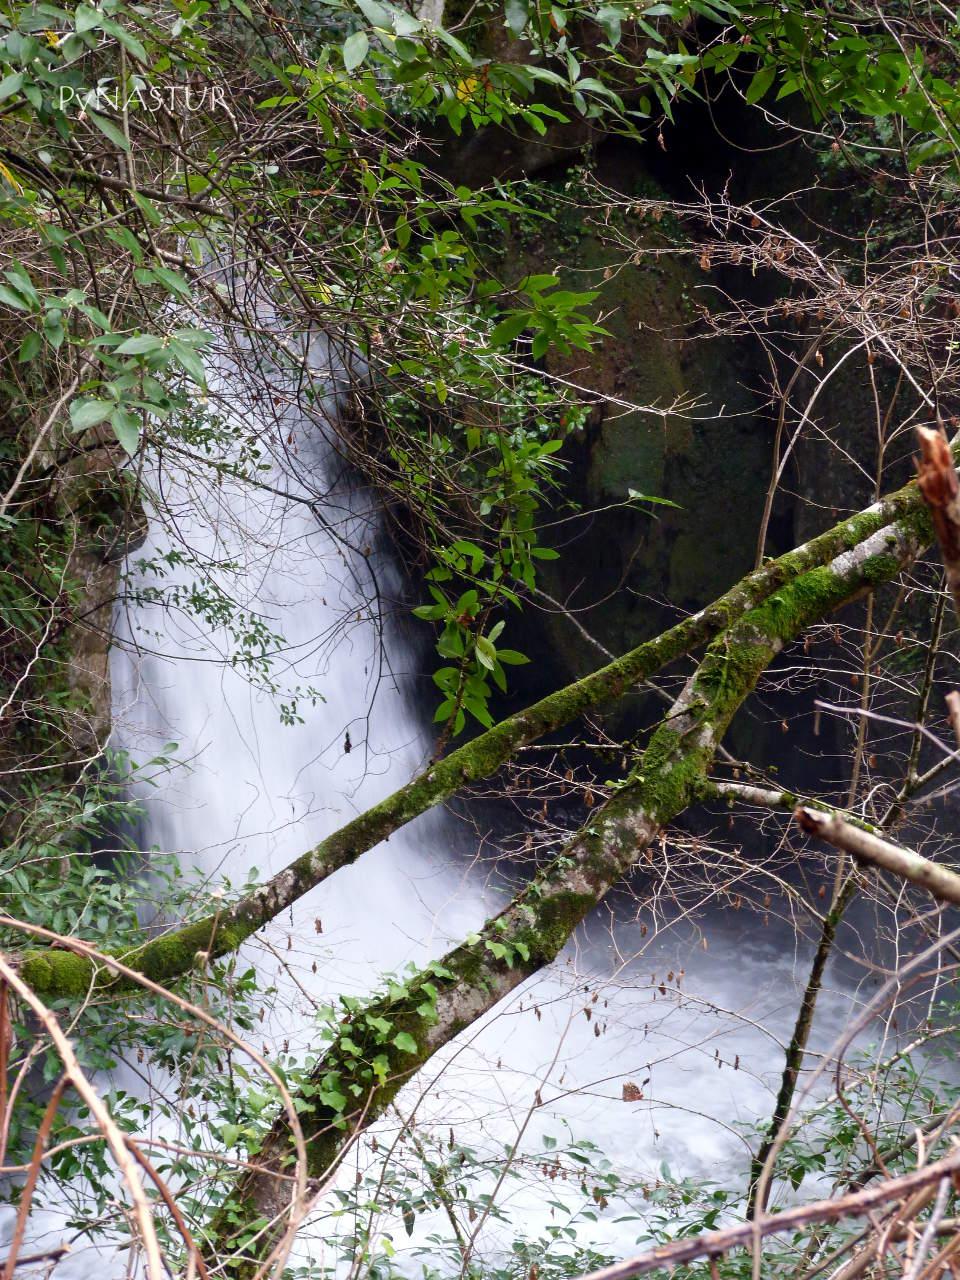 Río Viboli - Foz de Los Andamios - Parque Natural de Ponga - Asturias